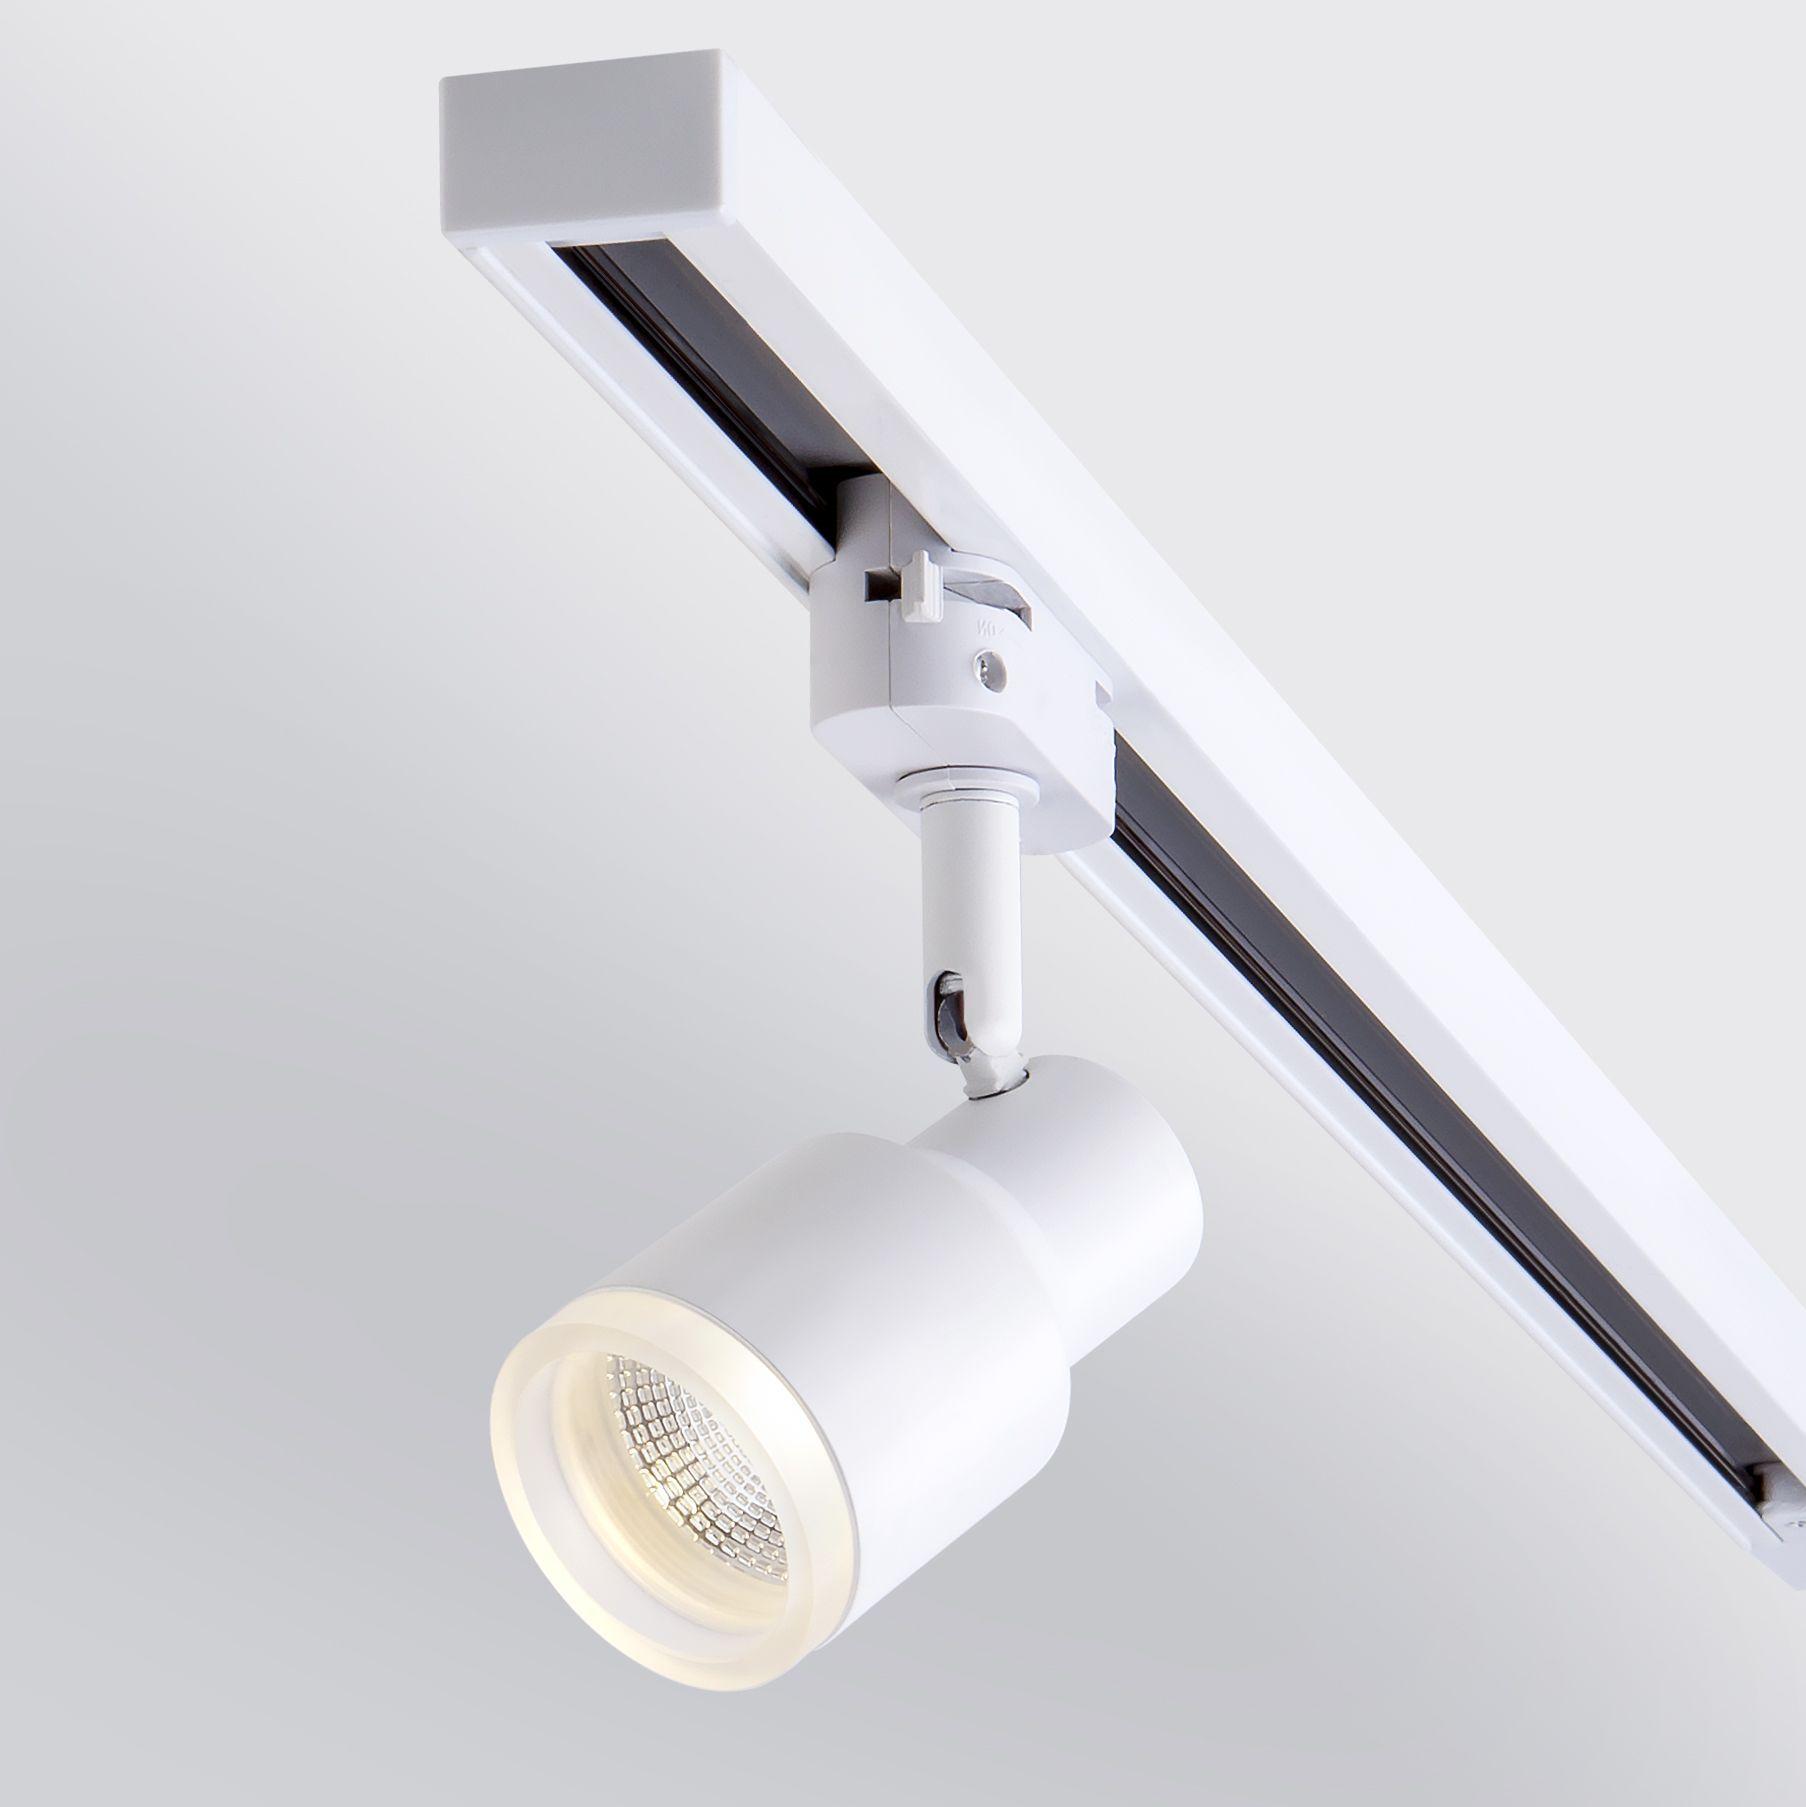 Трековый светодиодный светильник для однофазного шинопровода Molly белый 7W 4200K (1 шт.) LTB31